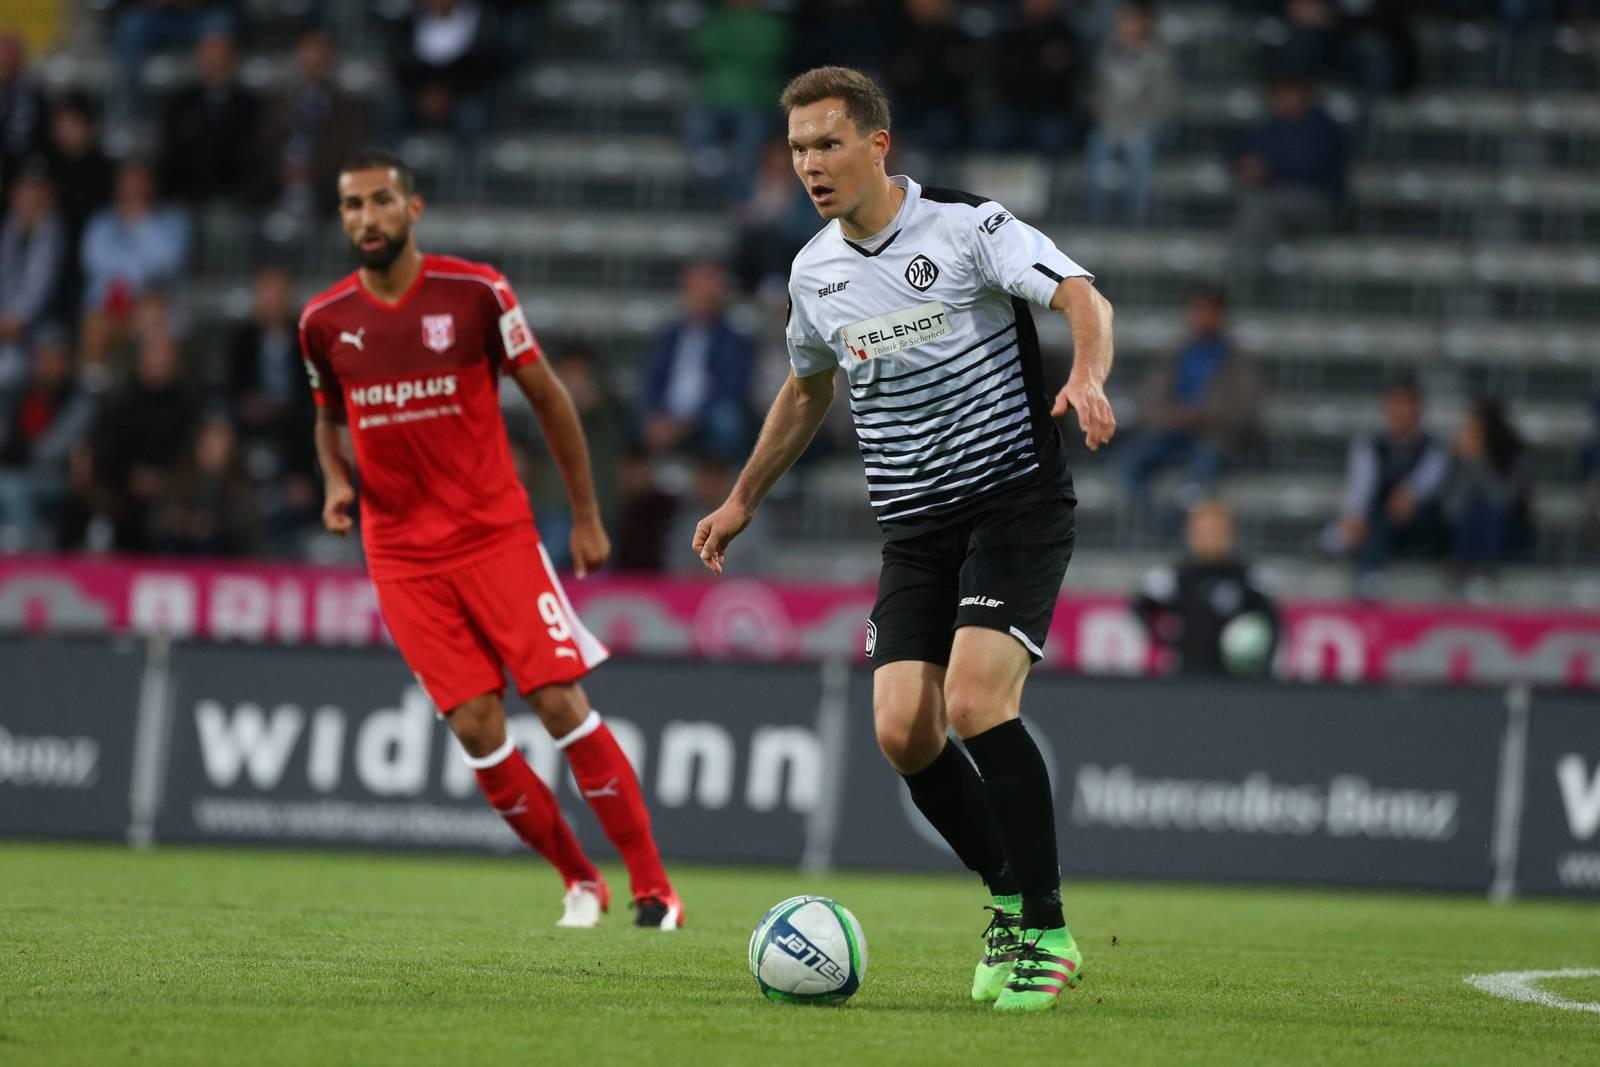 Robert Müller ist für den VfR Aalen am Ball.